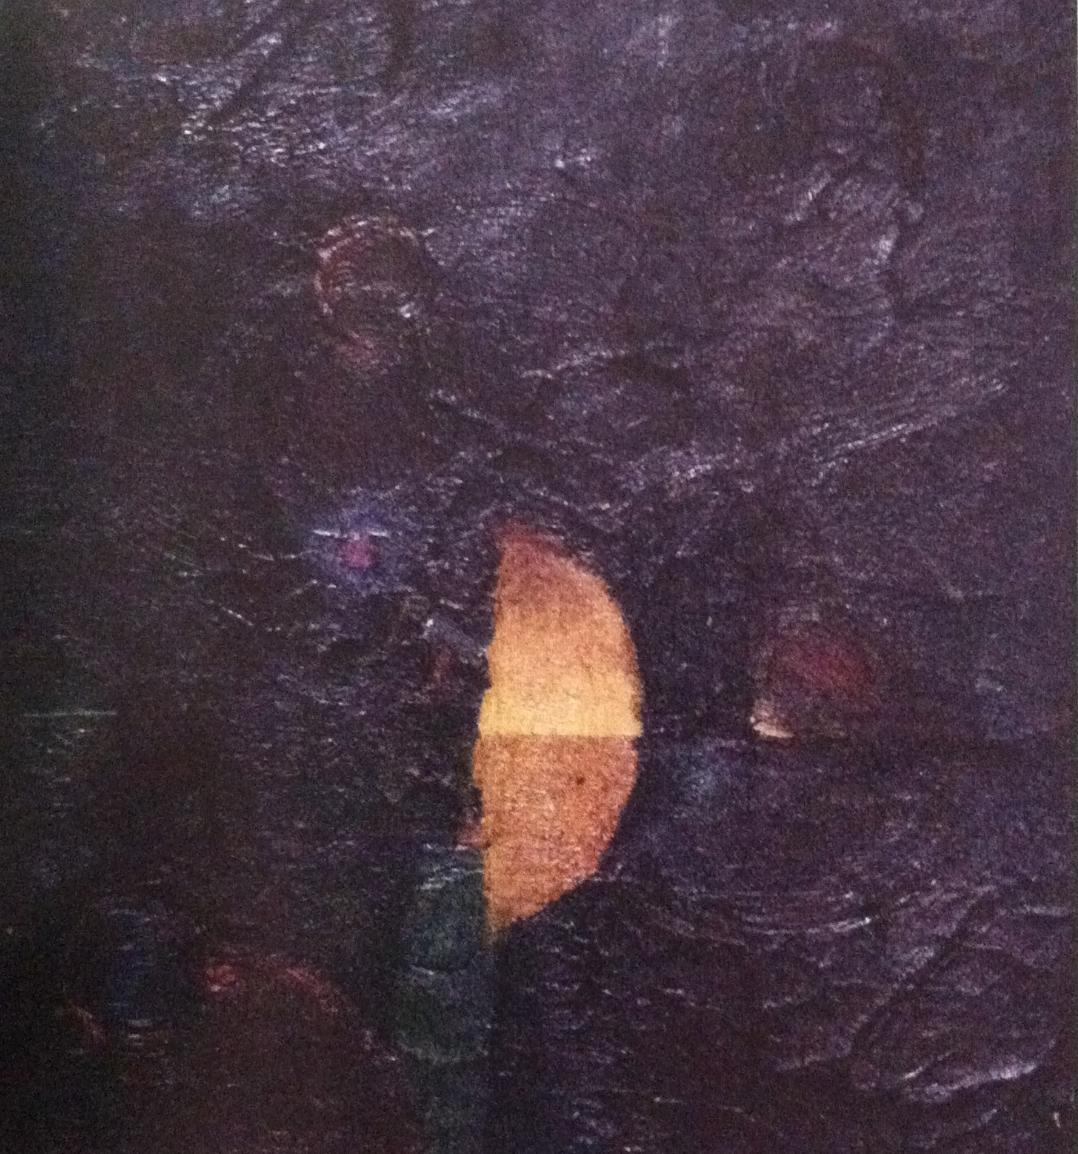 Luna sul sedile (1953)